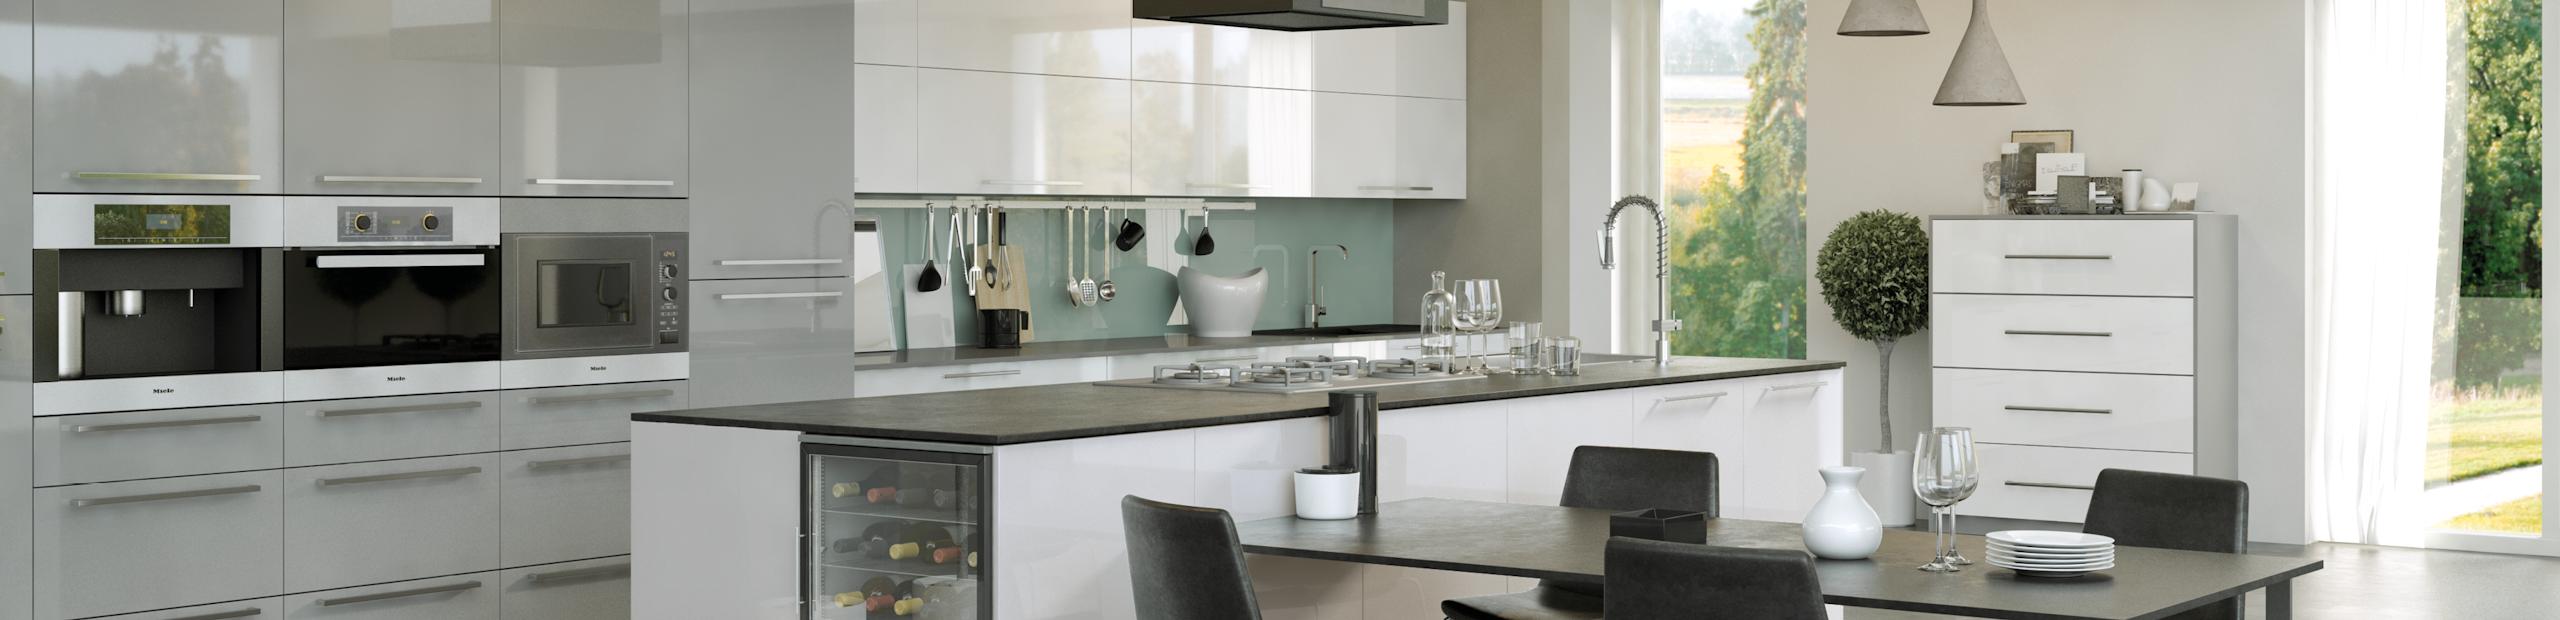 The Cost Of Replacing Kitchen Cabinet Doors Happy Doors